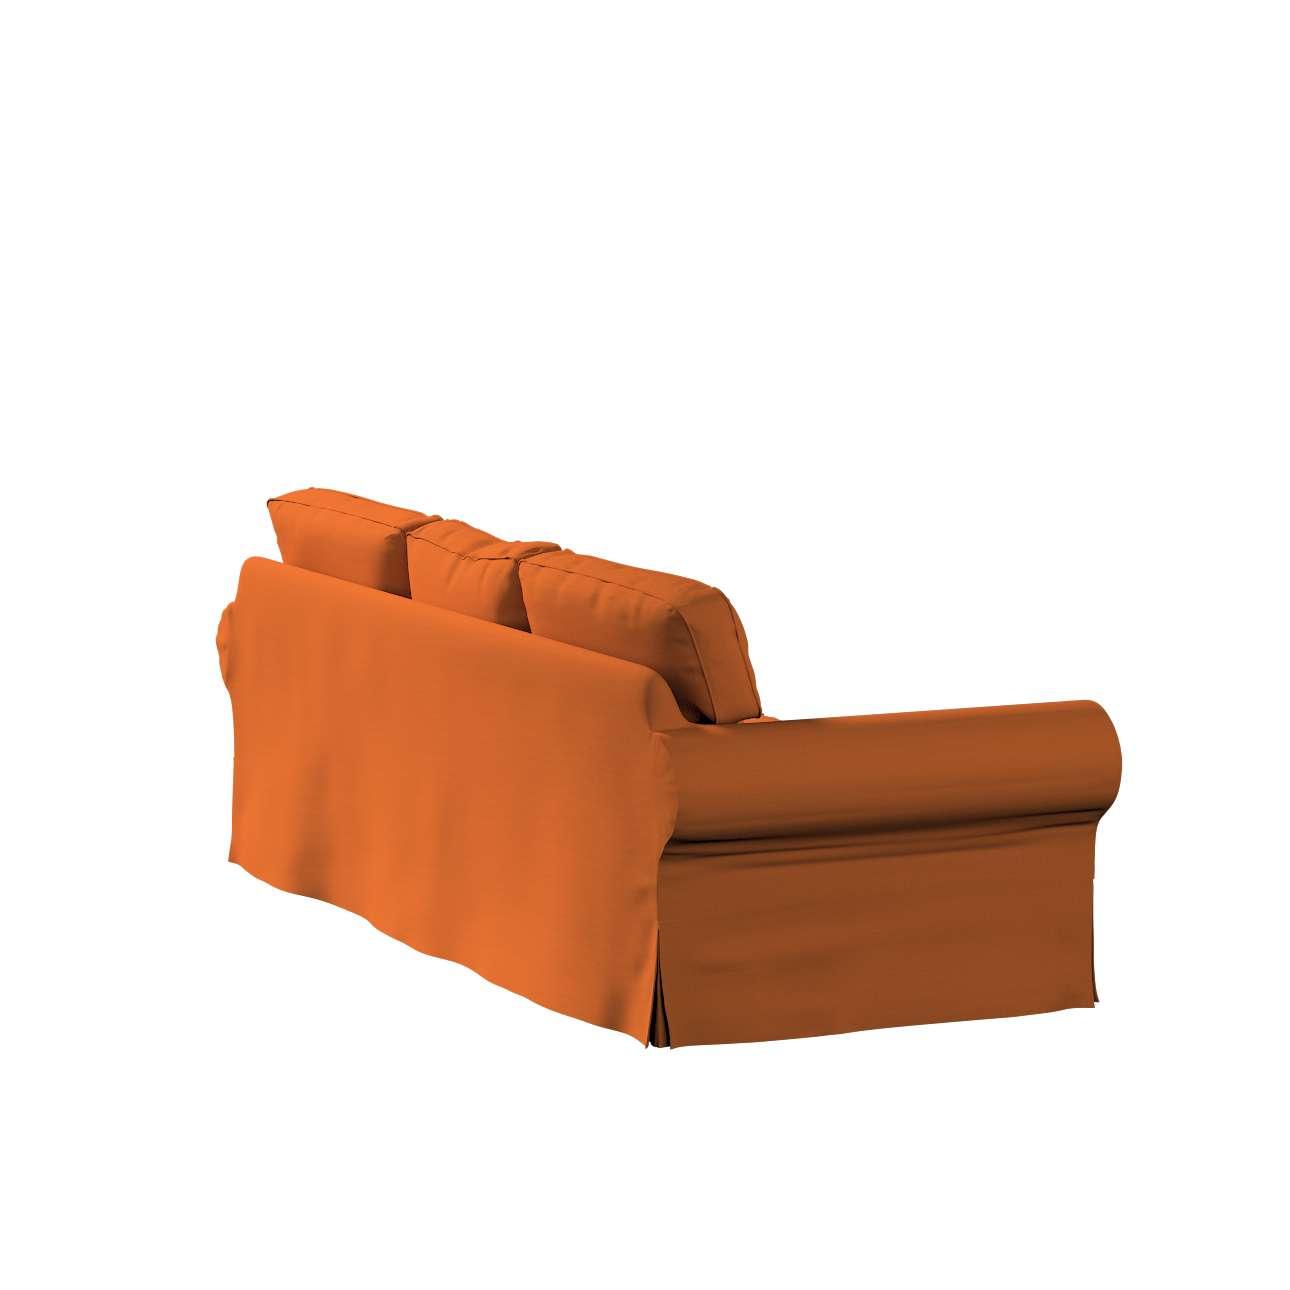 Bezug für Ektorp 3-Sitzer Schlafsofa, neues Modell (2013) von der Kollektion Cotton Panama, Stoff: 702-42